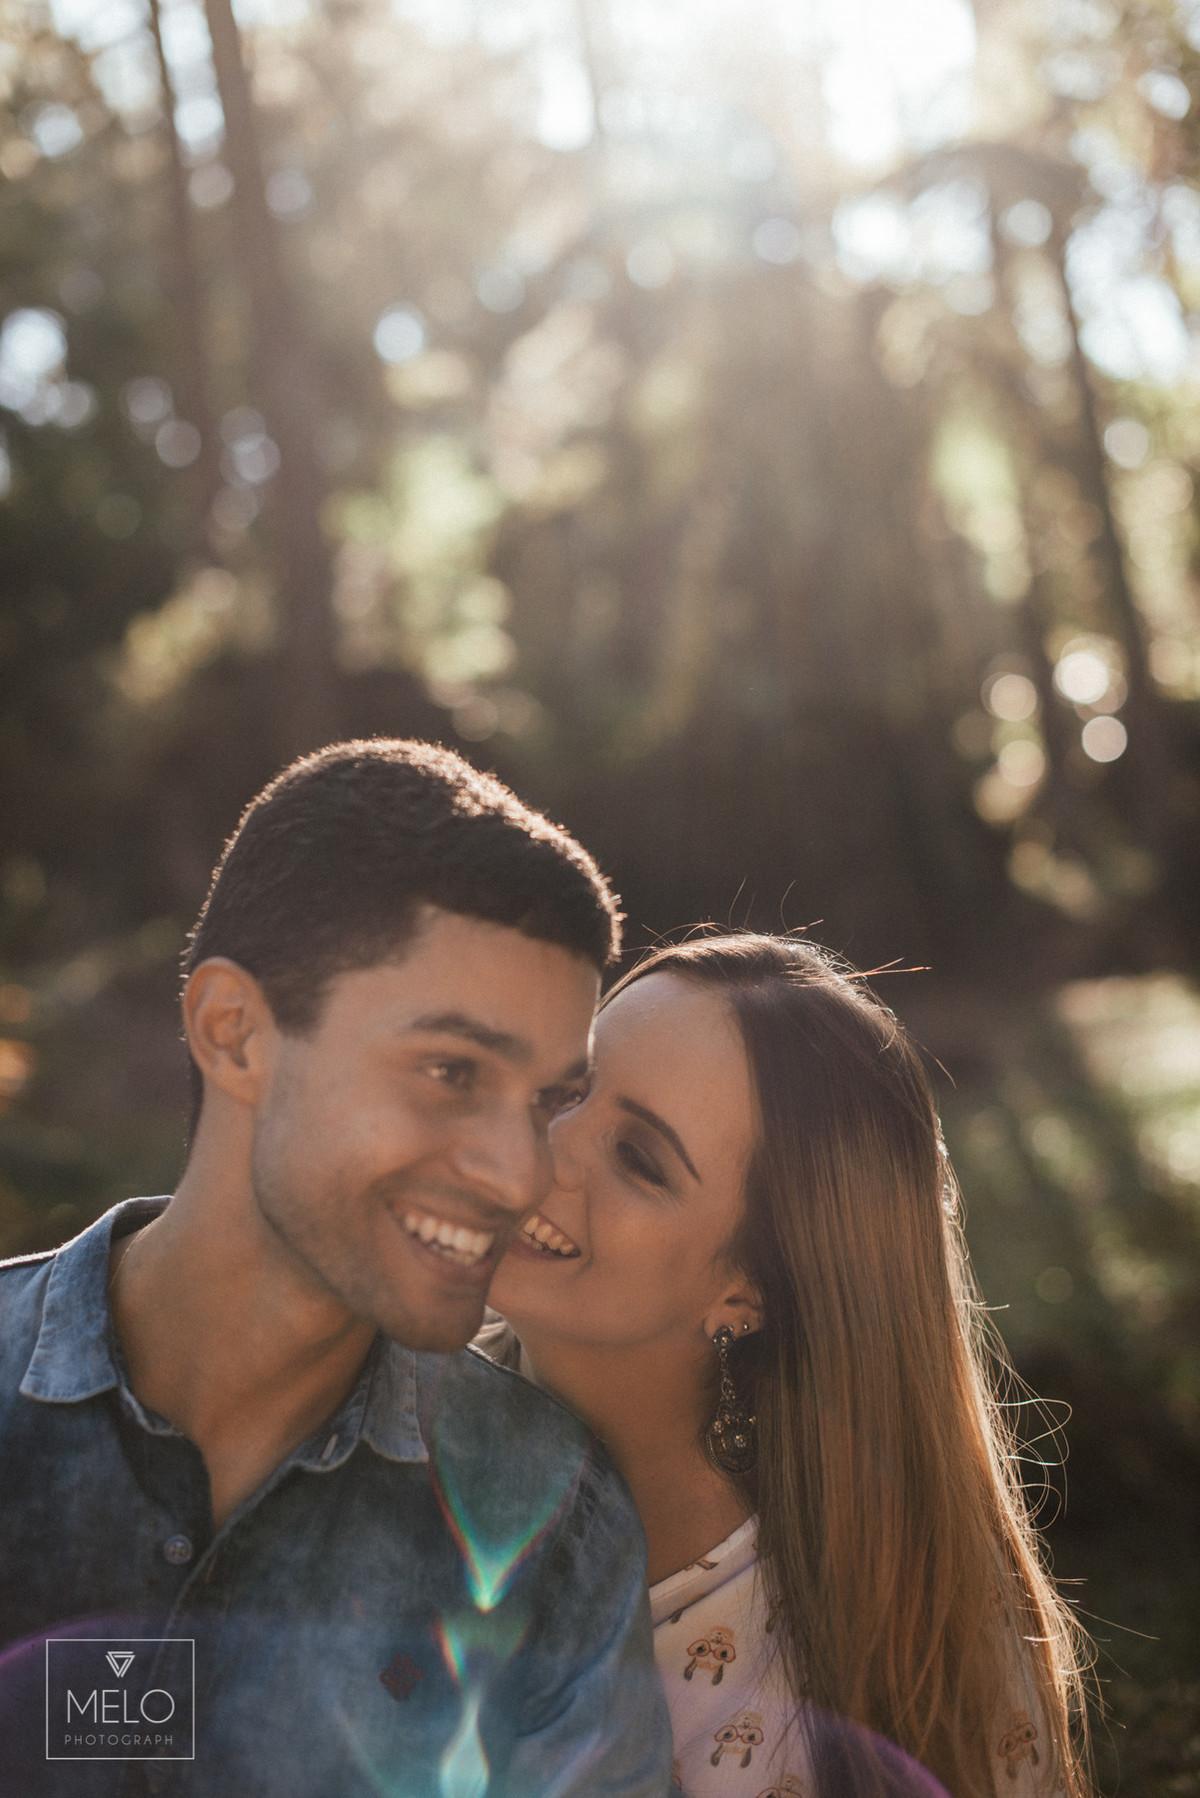 #FotografiaDeCasamento #EnsaioPreWedding #LoveDay #EnsaioCasal #Wedding #Casal #Bride #Noiva #Noivo #ArLivre #Natureza #Sol